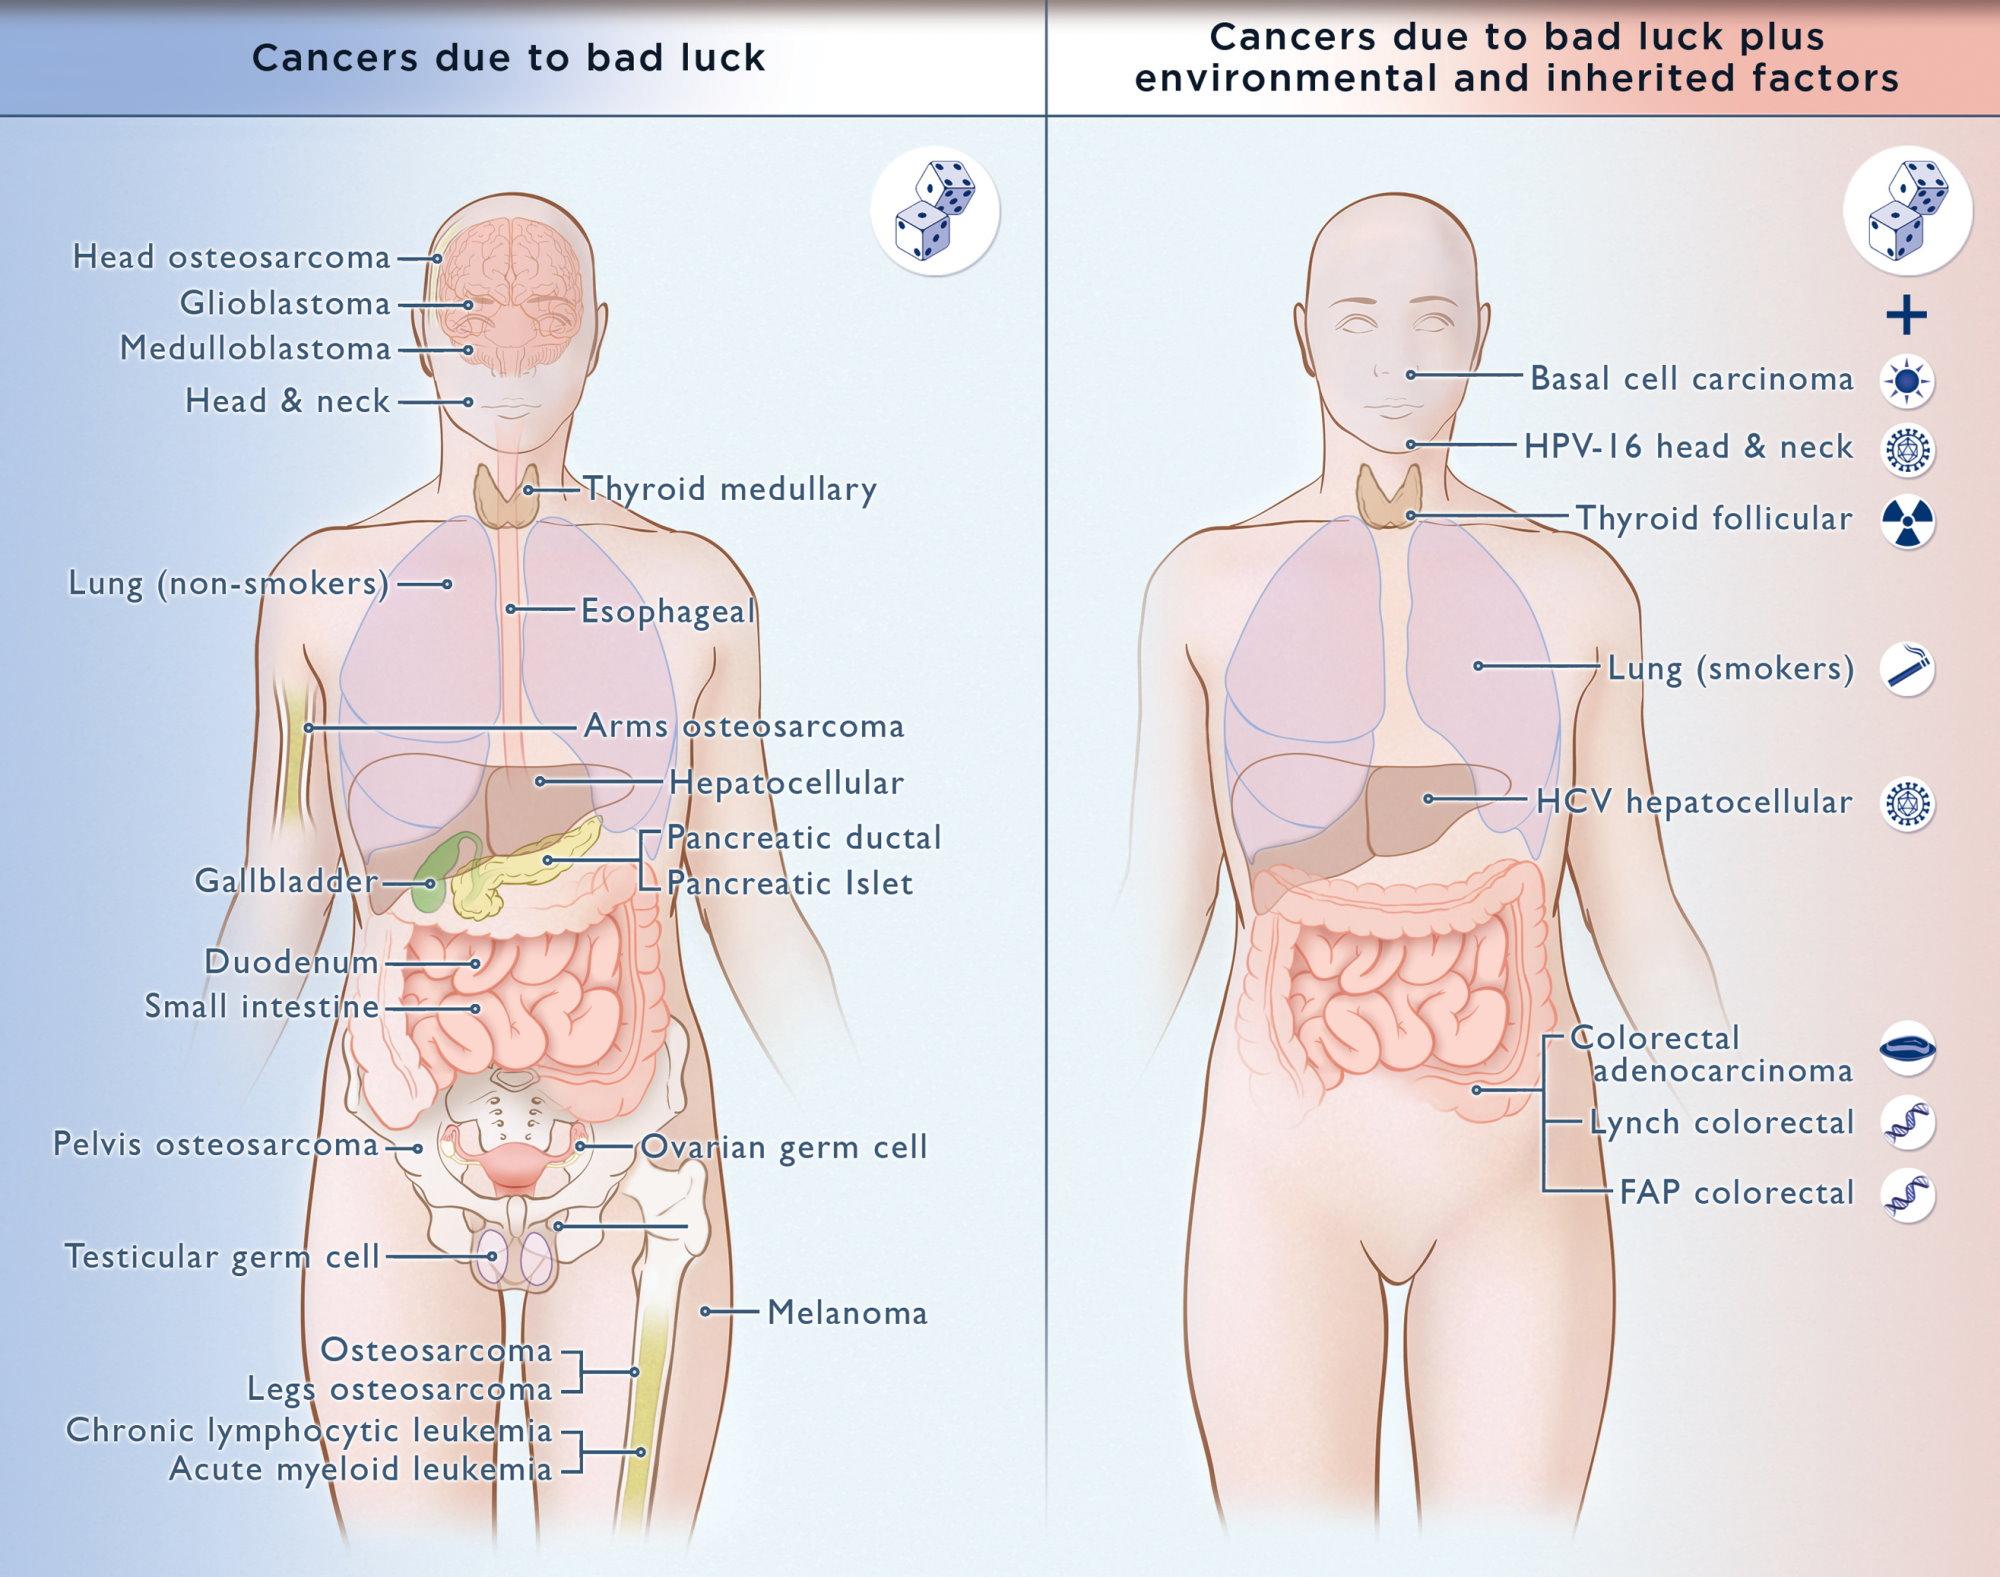 A középgarat tumorok 40 százalékát a HPV okozza – Semmelweis Médiasarok